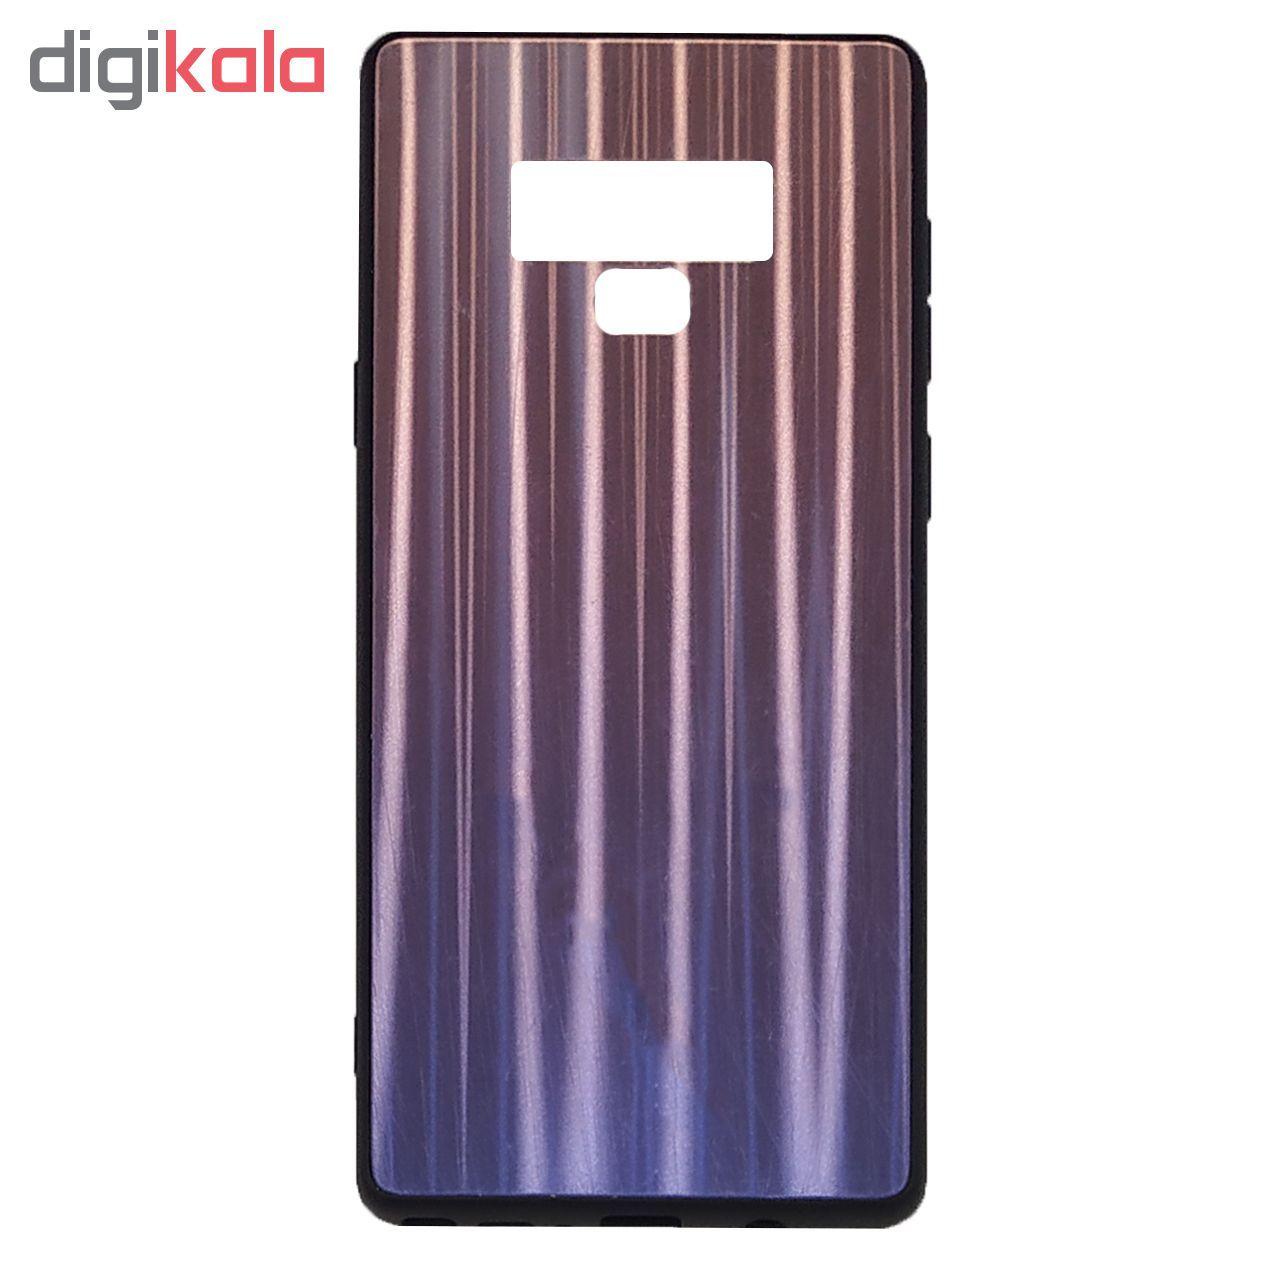 کاور مدل LZ-17 مناسب برای گوشی موبایل سامسونگ Galaxy Note 9 main 1 1